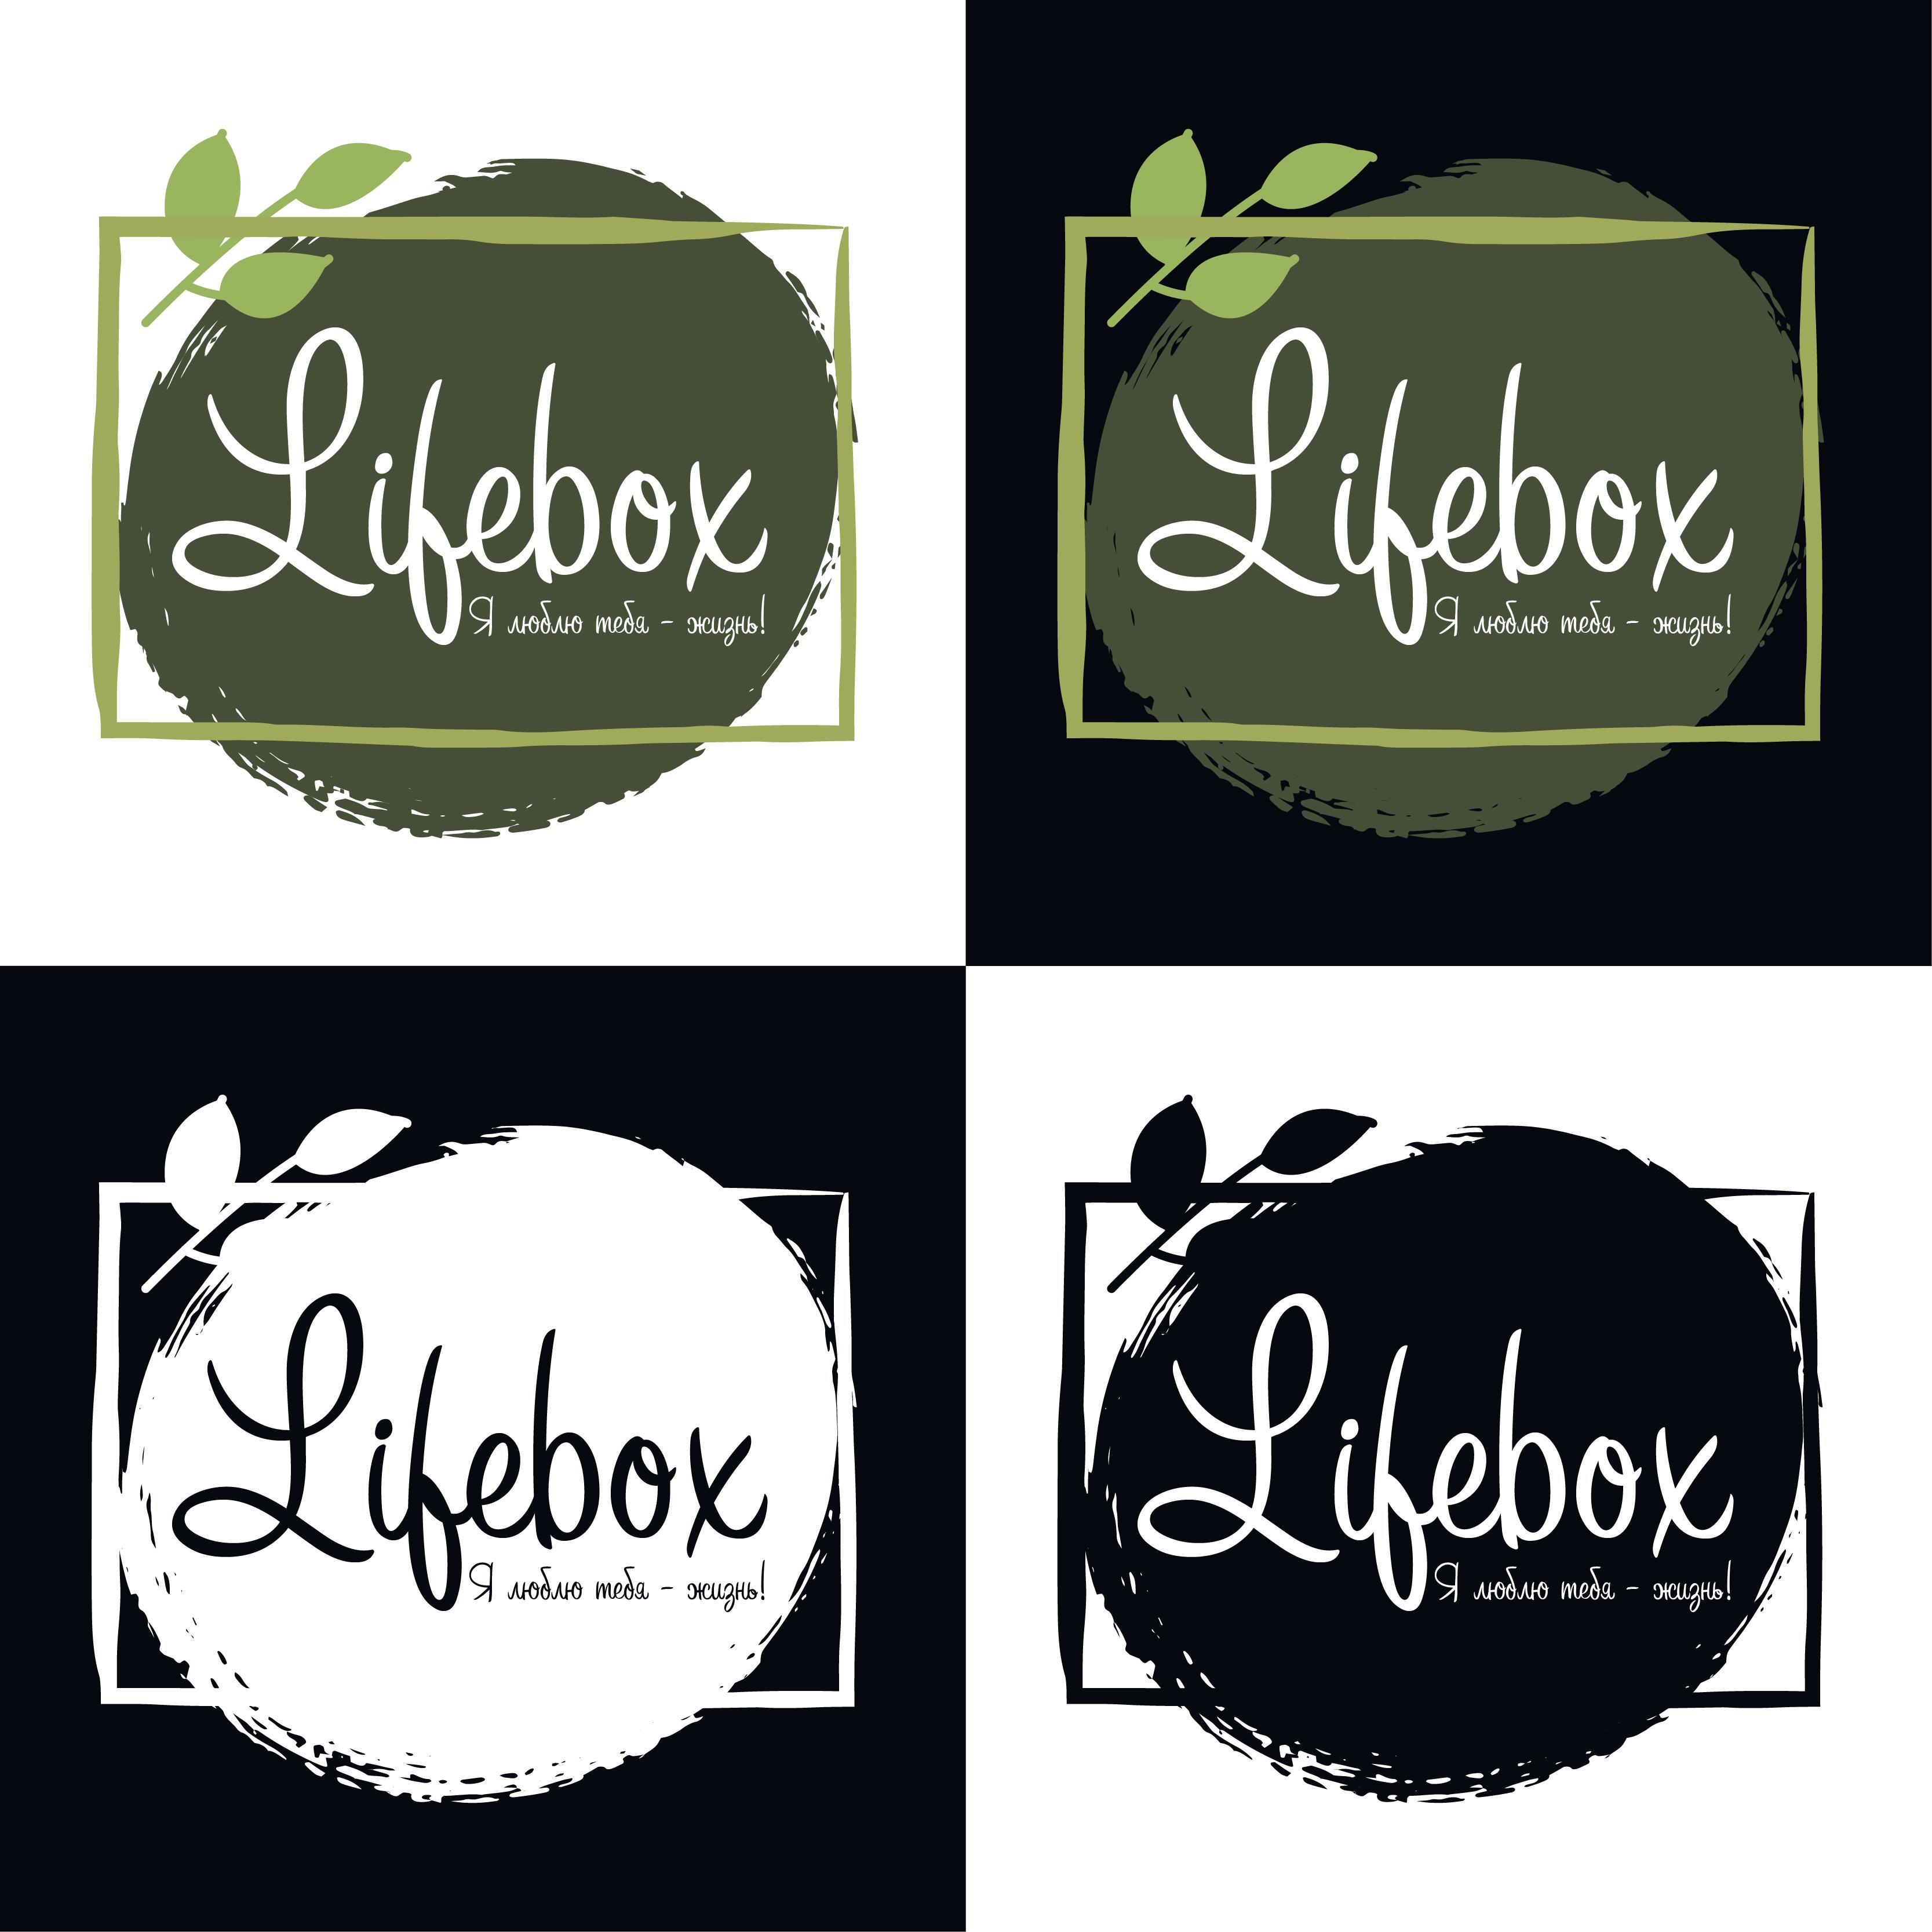 Разработка Логотипа. Победитель получит расширеный заказ  фото f_9795c265ad58f98d.jpg